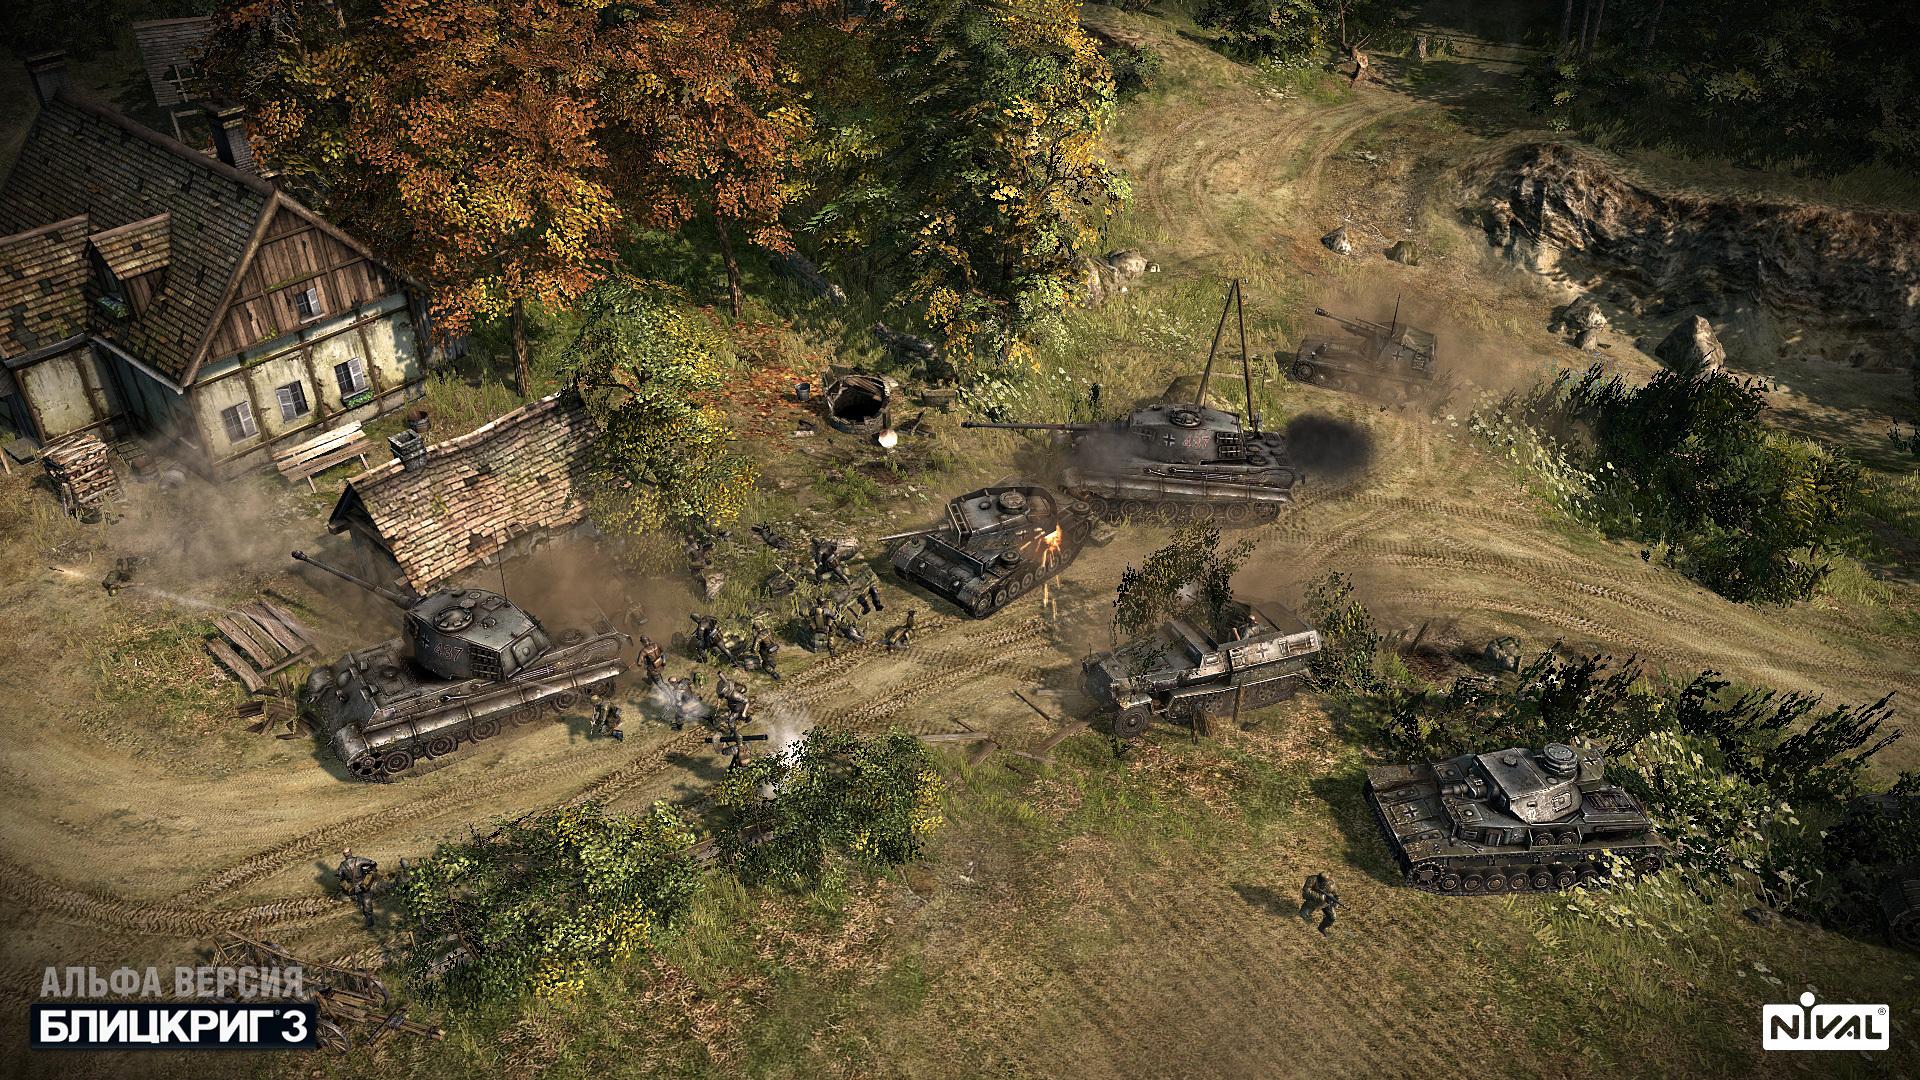 Скачать игру blitzkrieg 3.